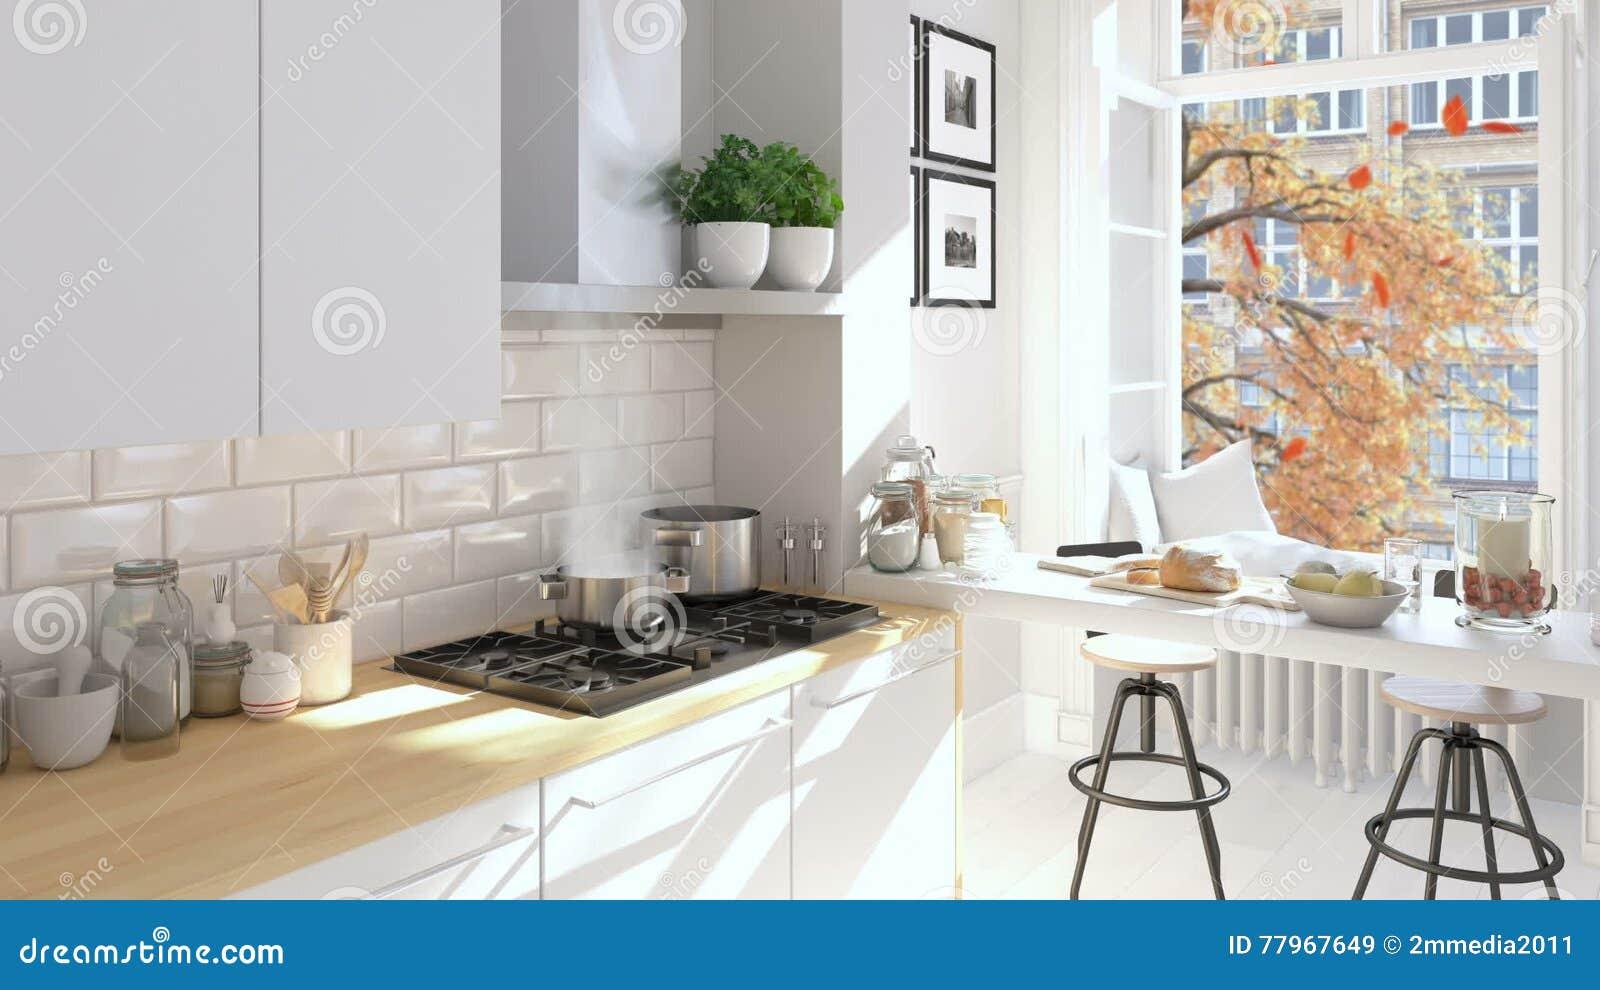 Fein Verschiedene Arten Küchenschränke Ideen - Ideen Für Die Küche ...